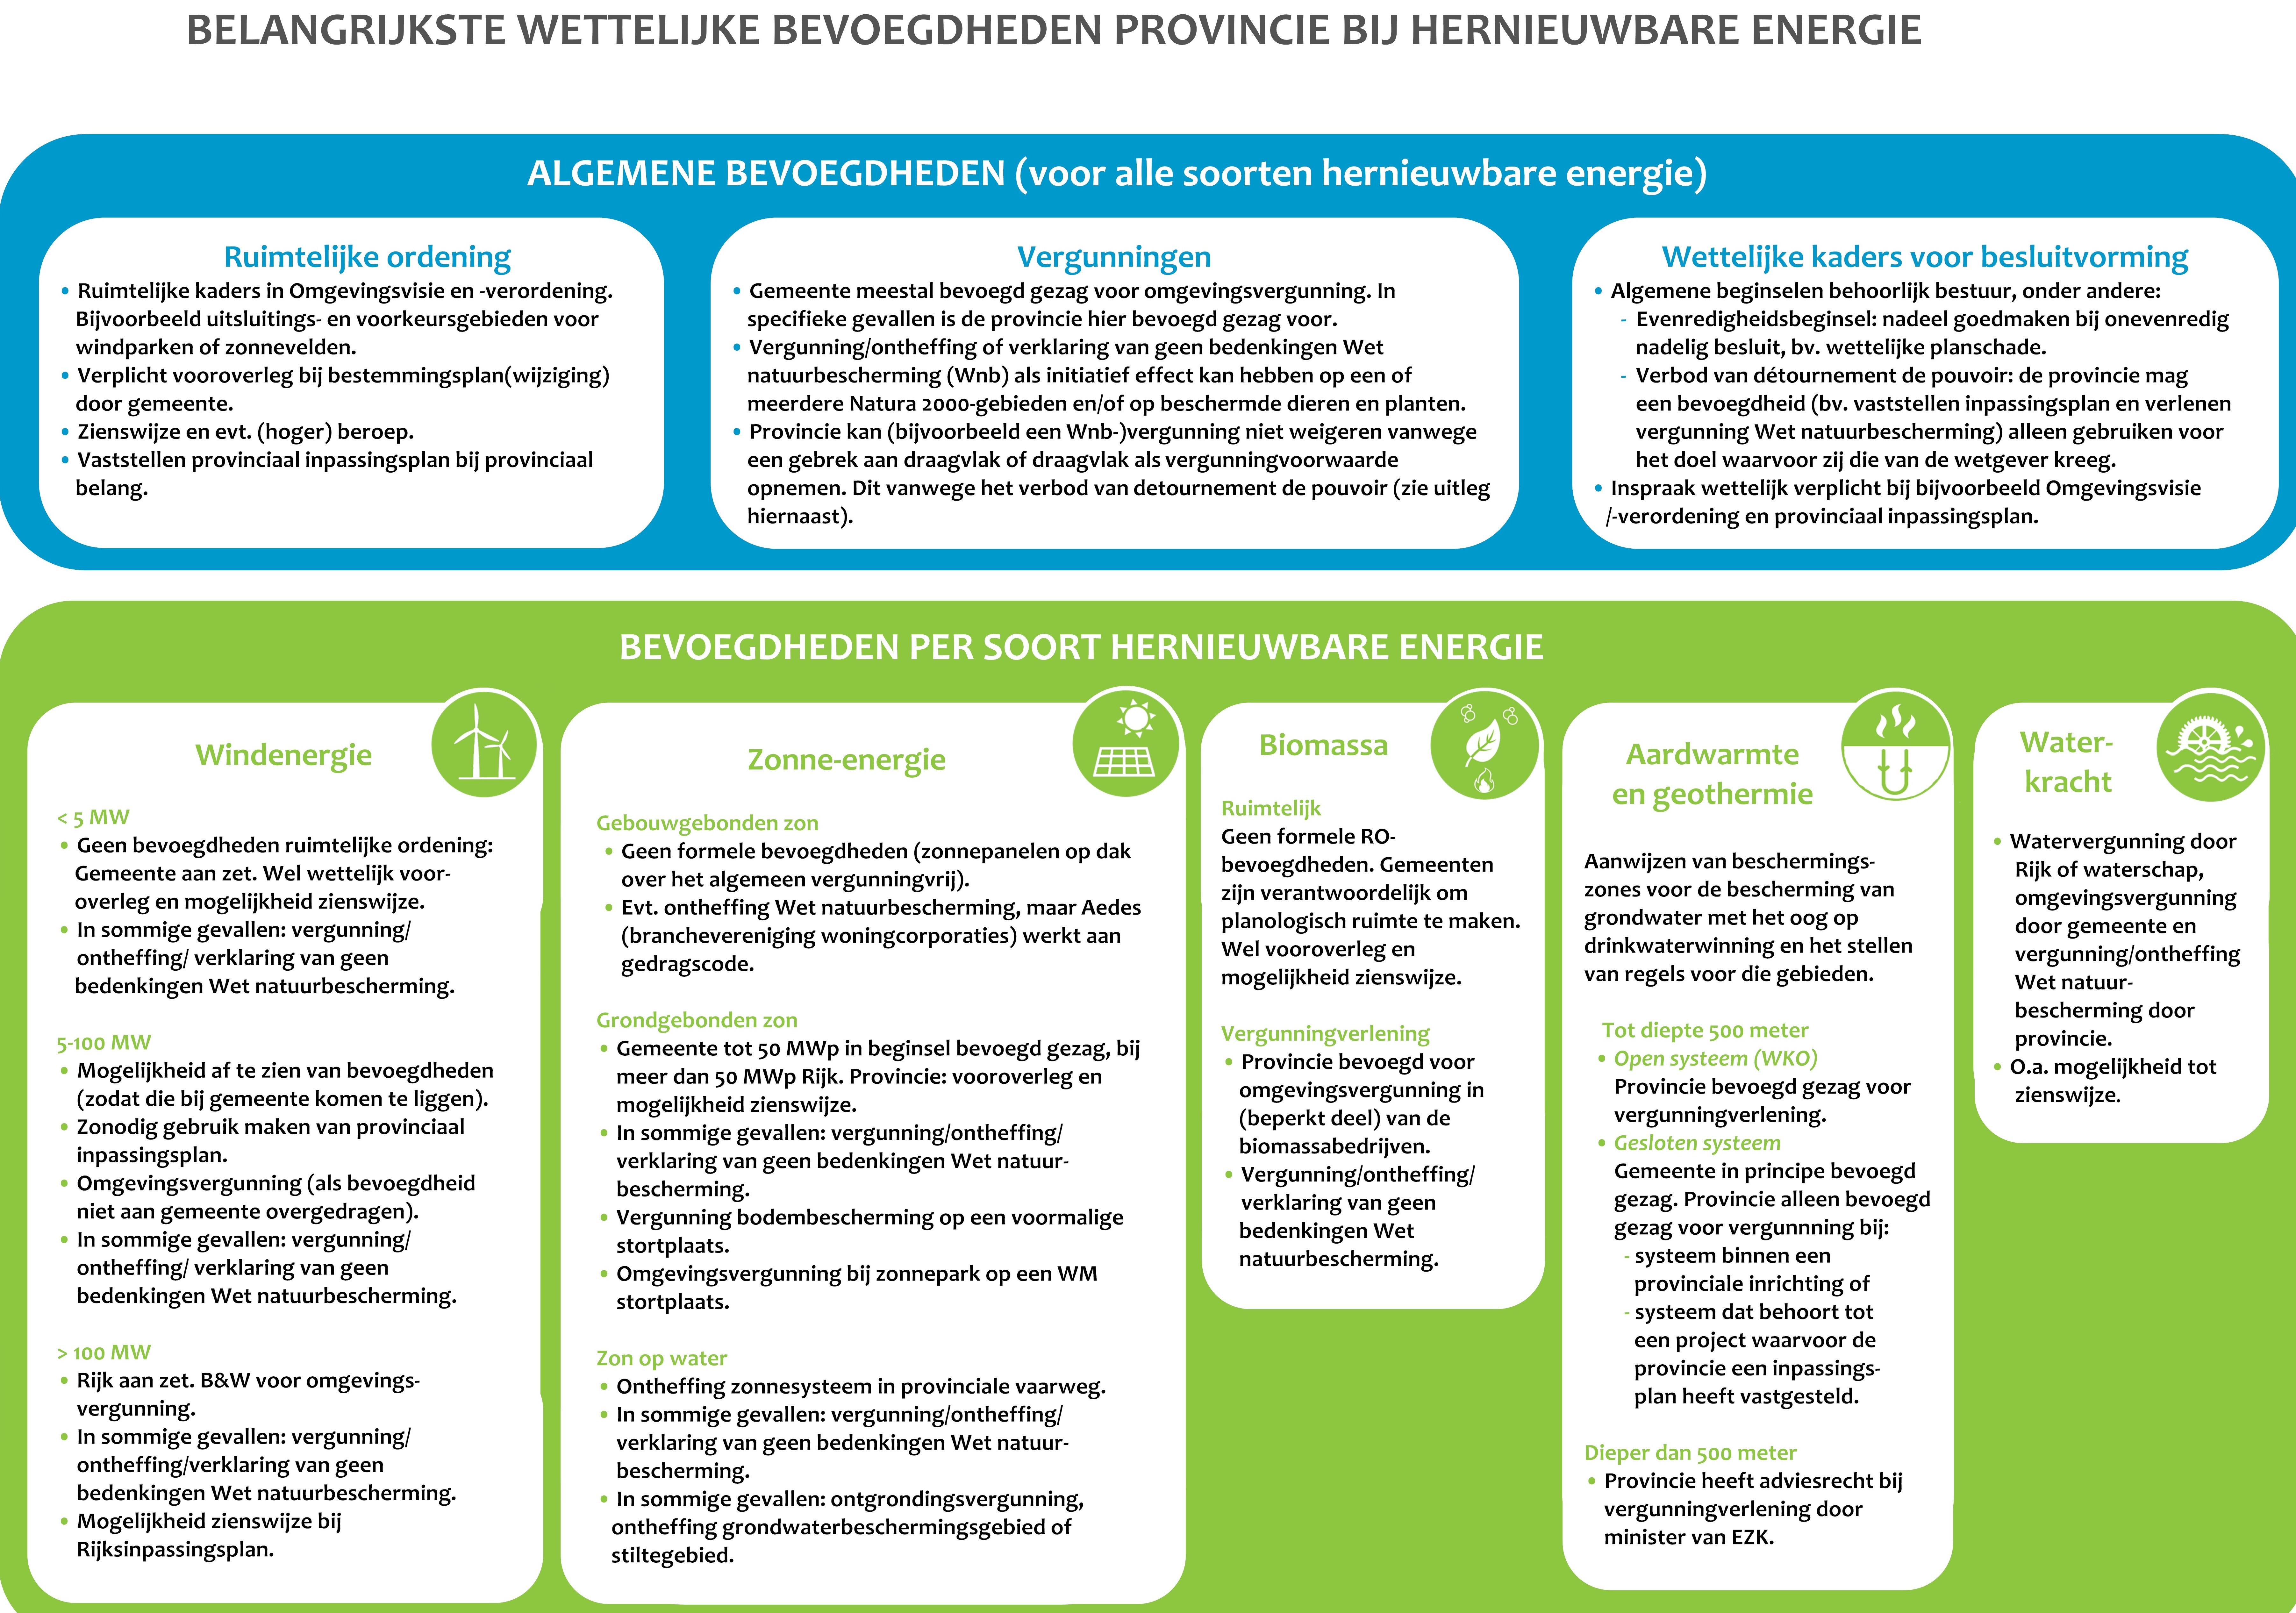 Overzicht bevoegdheden provincie hernieuwbare energie